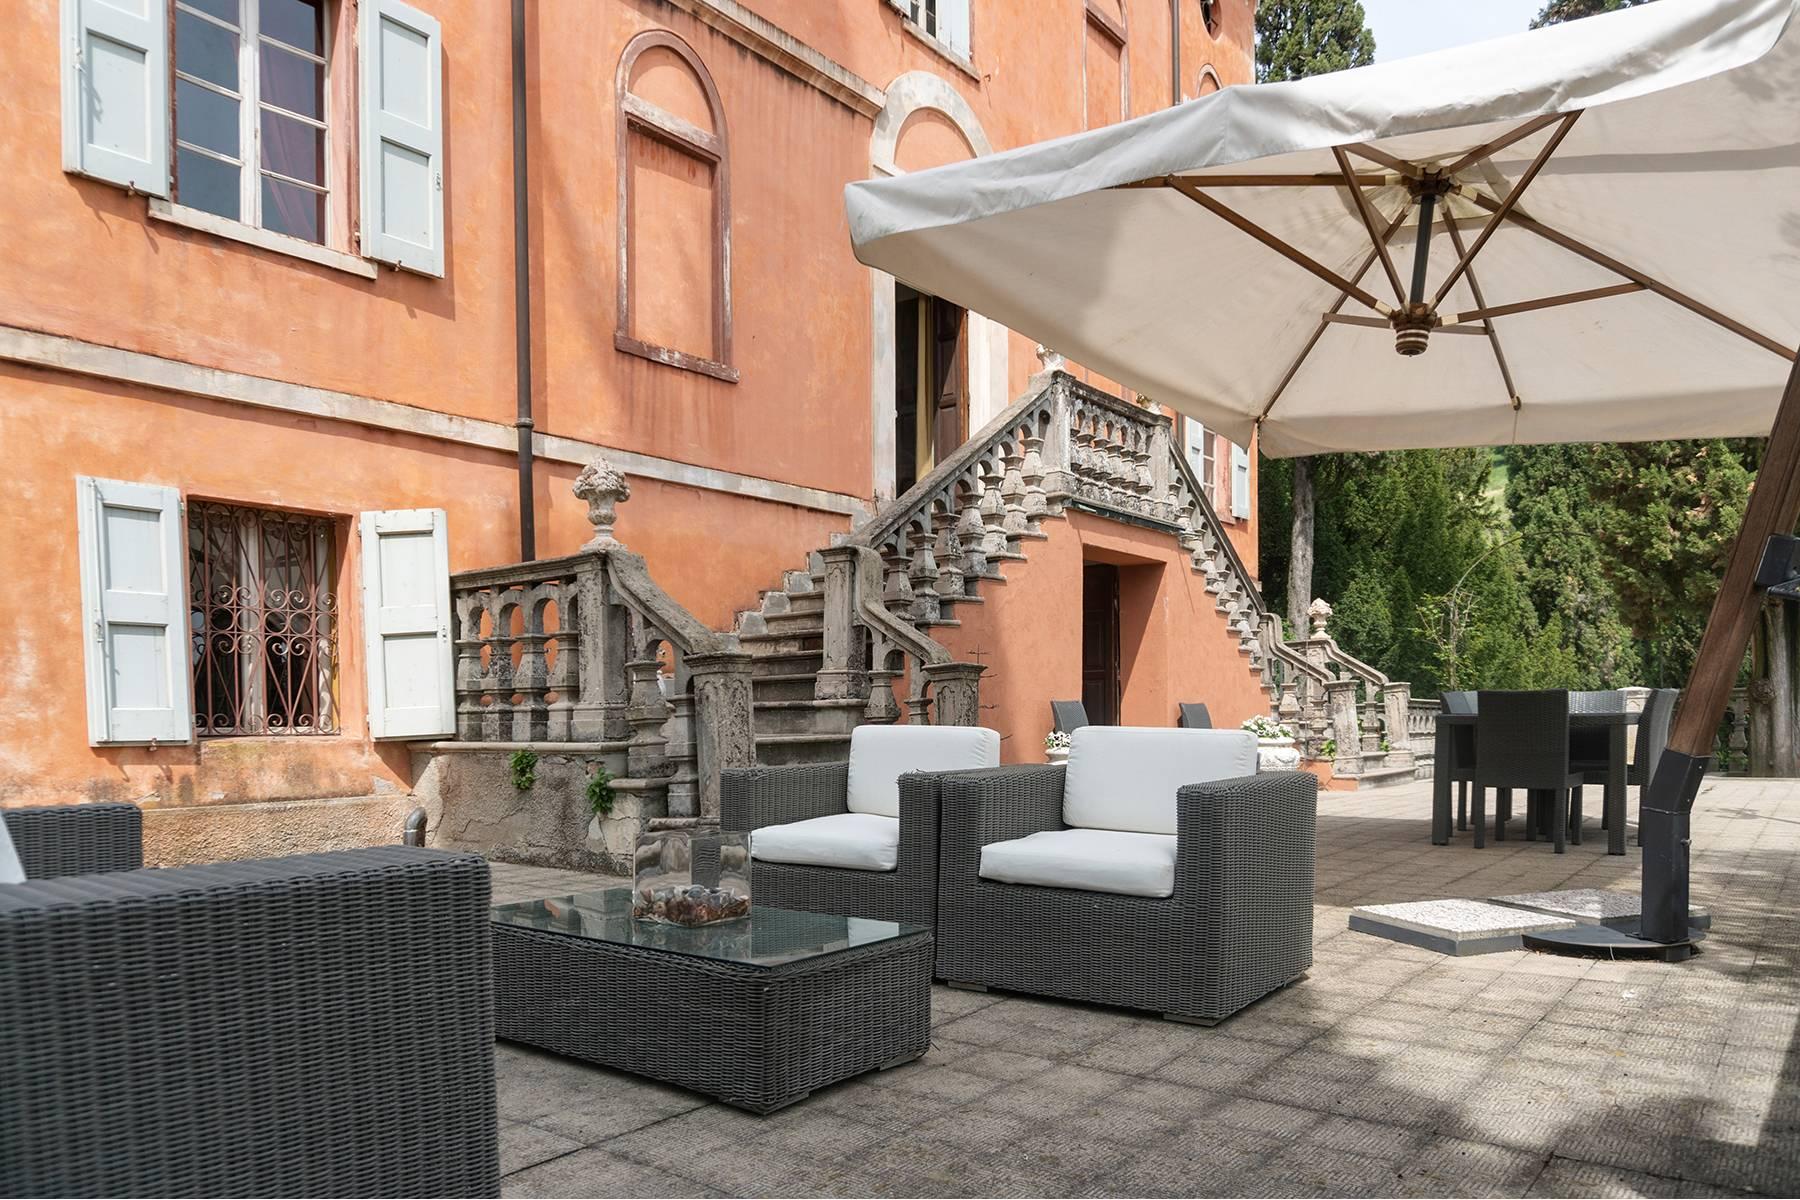 Villa in Vendita a Fiorano Modenese: 5 locali, 470 mq - Foto 19